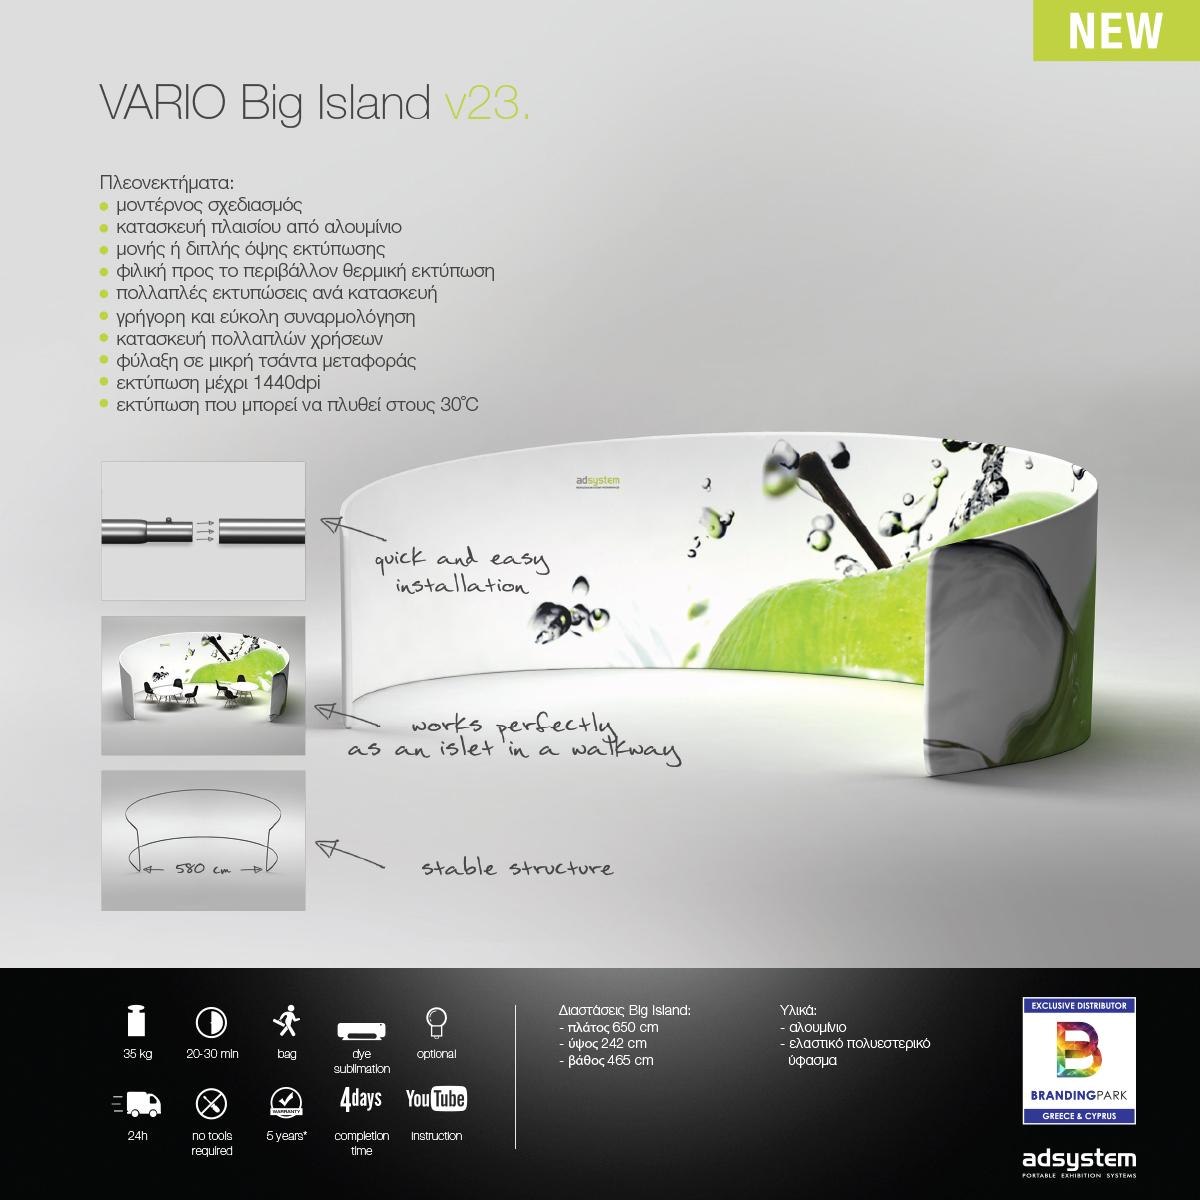 Υφασμάτινο εκθεσιακό display – VARIO Big Island v23. new product